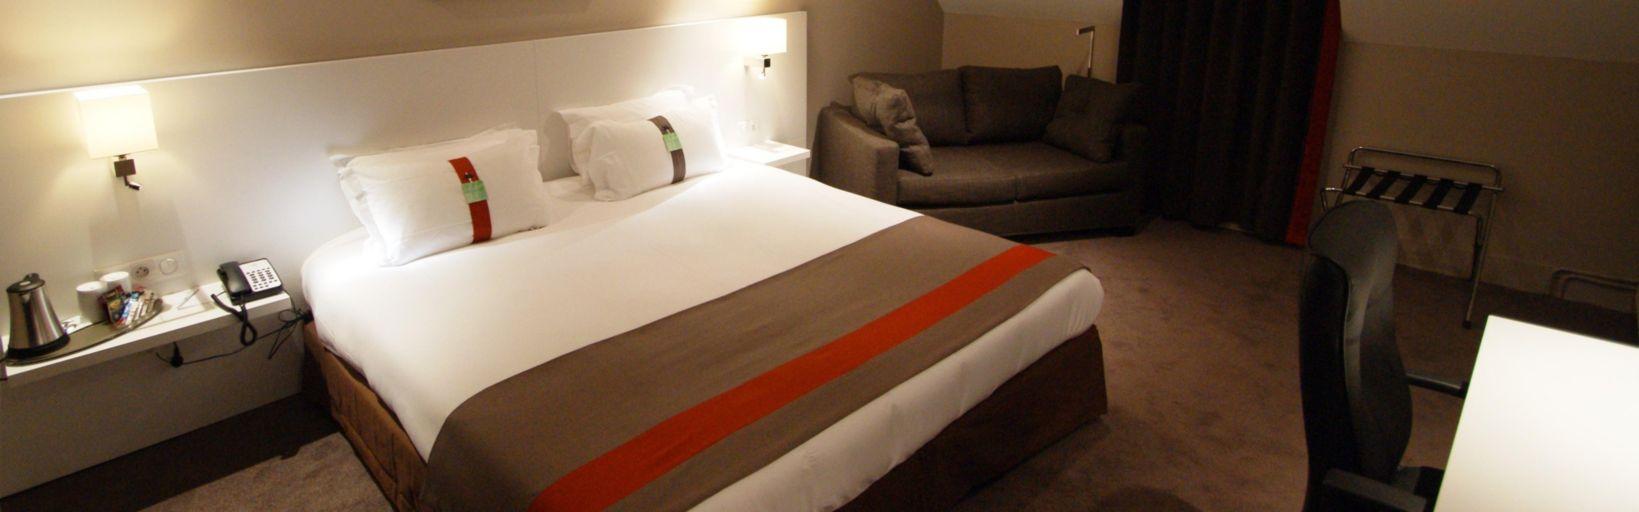 Holiday Inn Paris Auteuil Hotel By IHG - Hotel porte de saint cloud